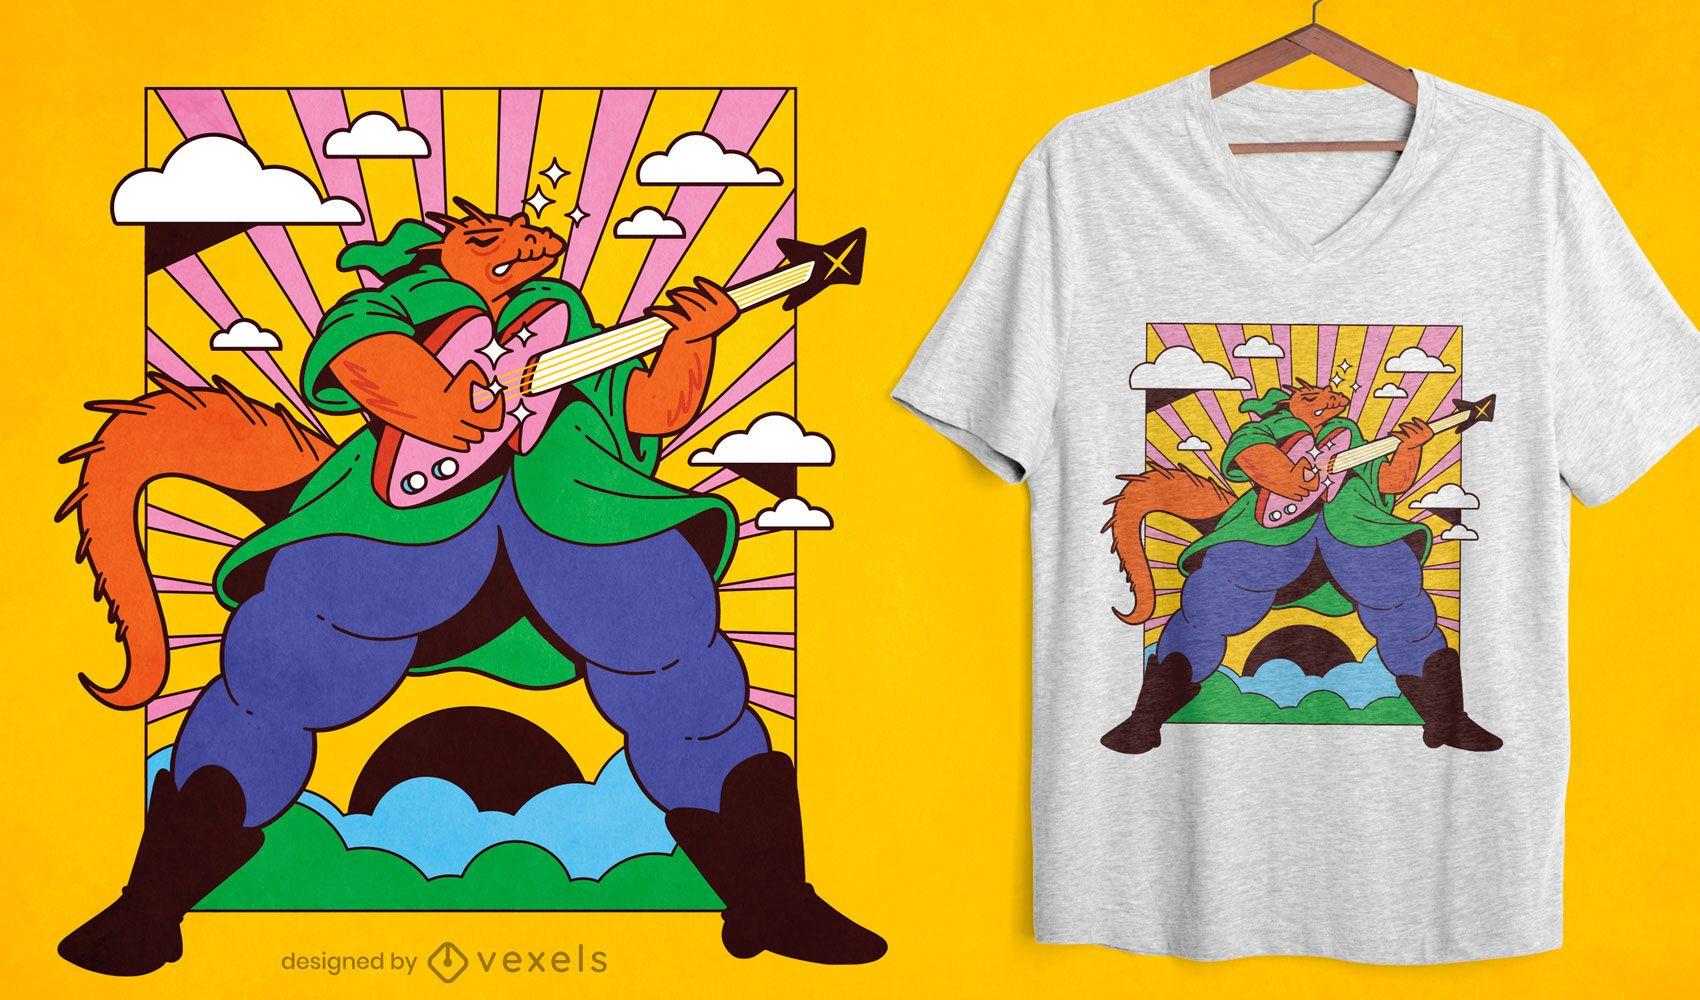 Wizard lizard guitarist t-shirt design